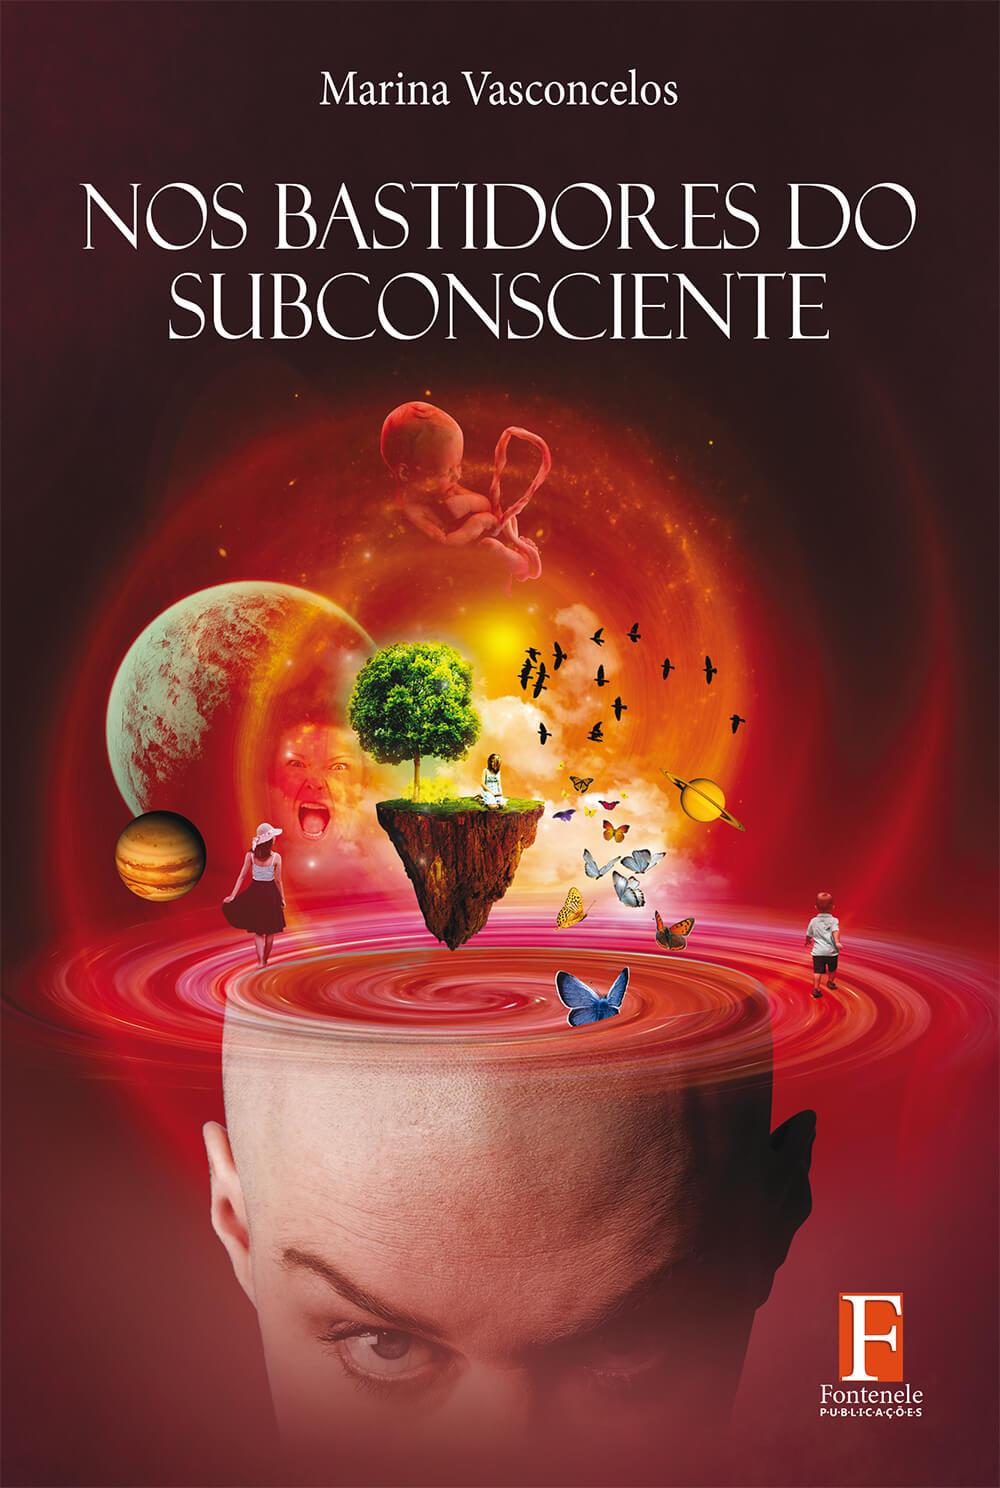 Fontenele Publicações / 11 95150-3481 / 11  95150-4383 Nos bastidores do subconsciente